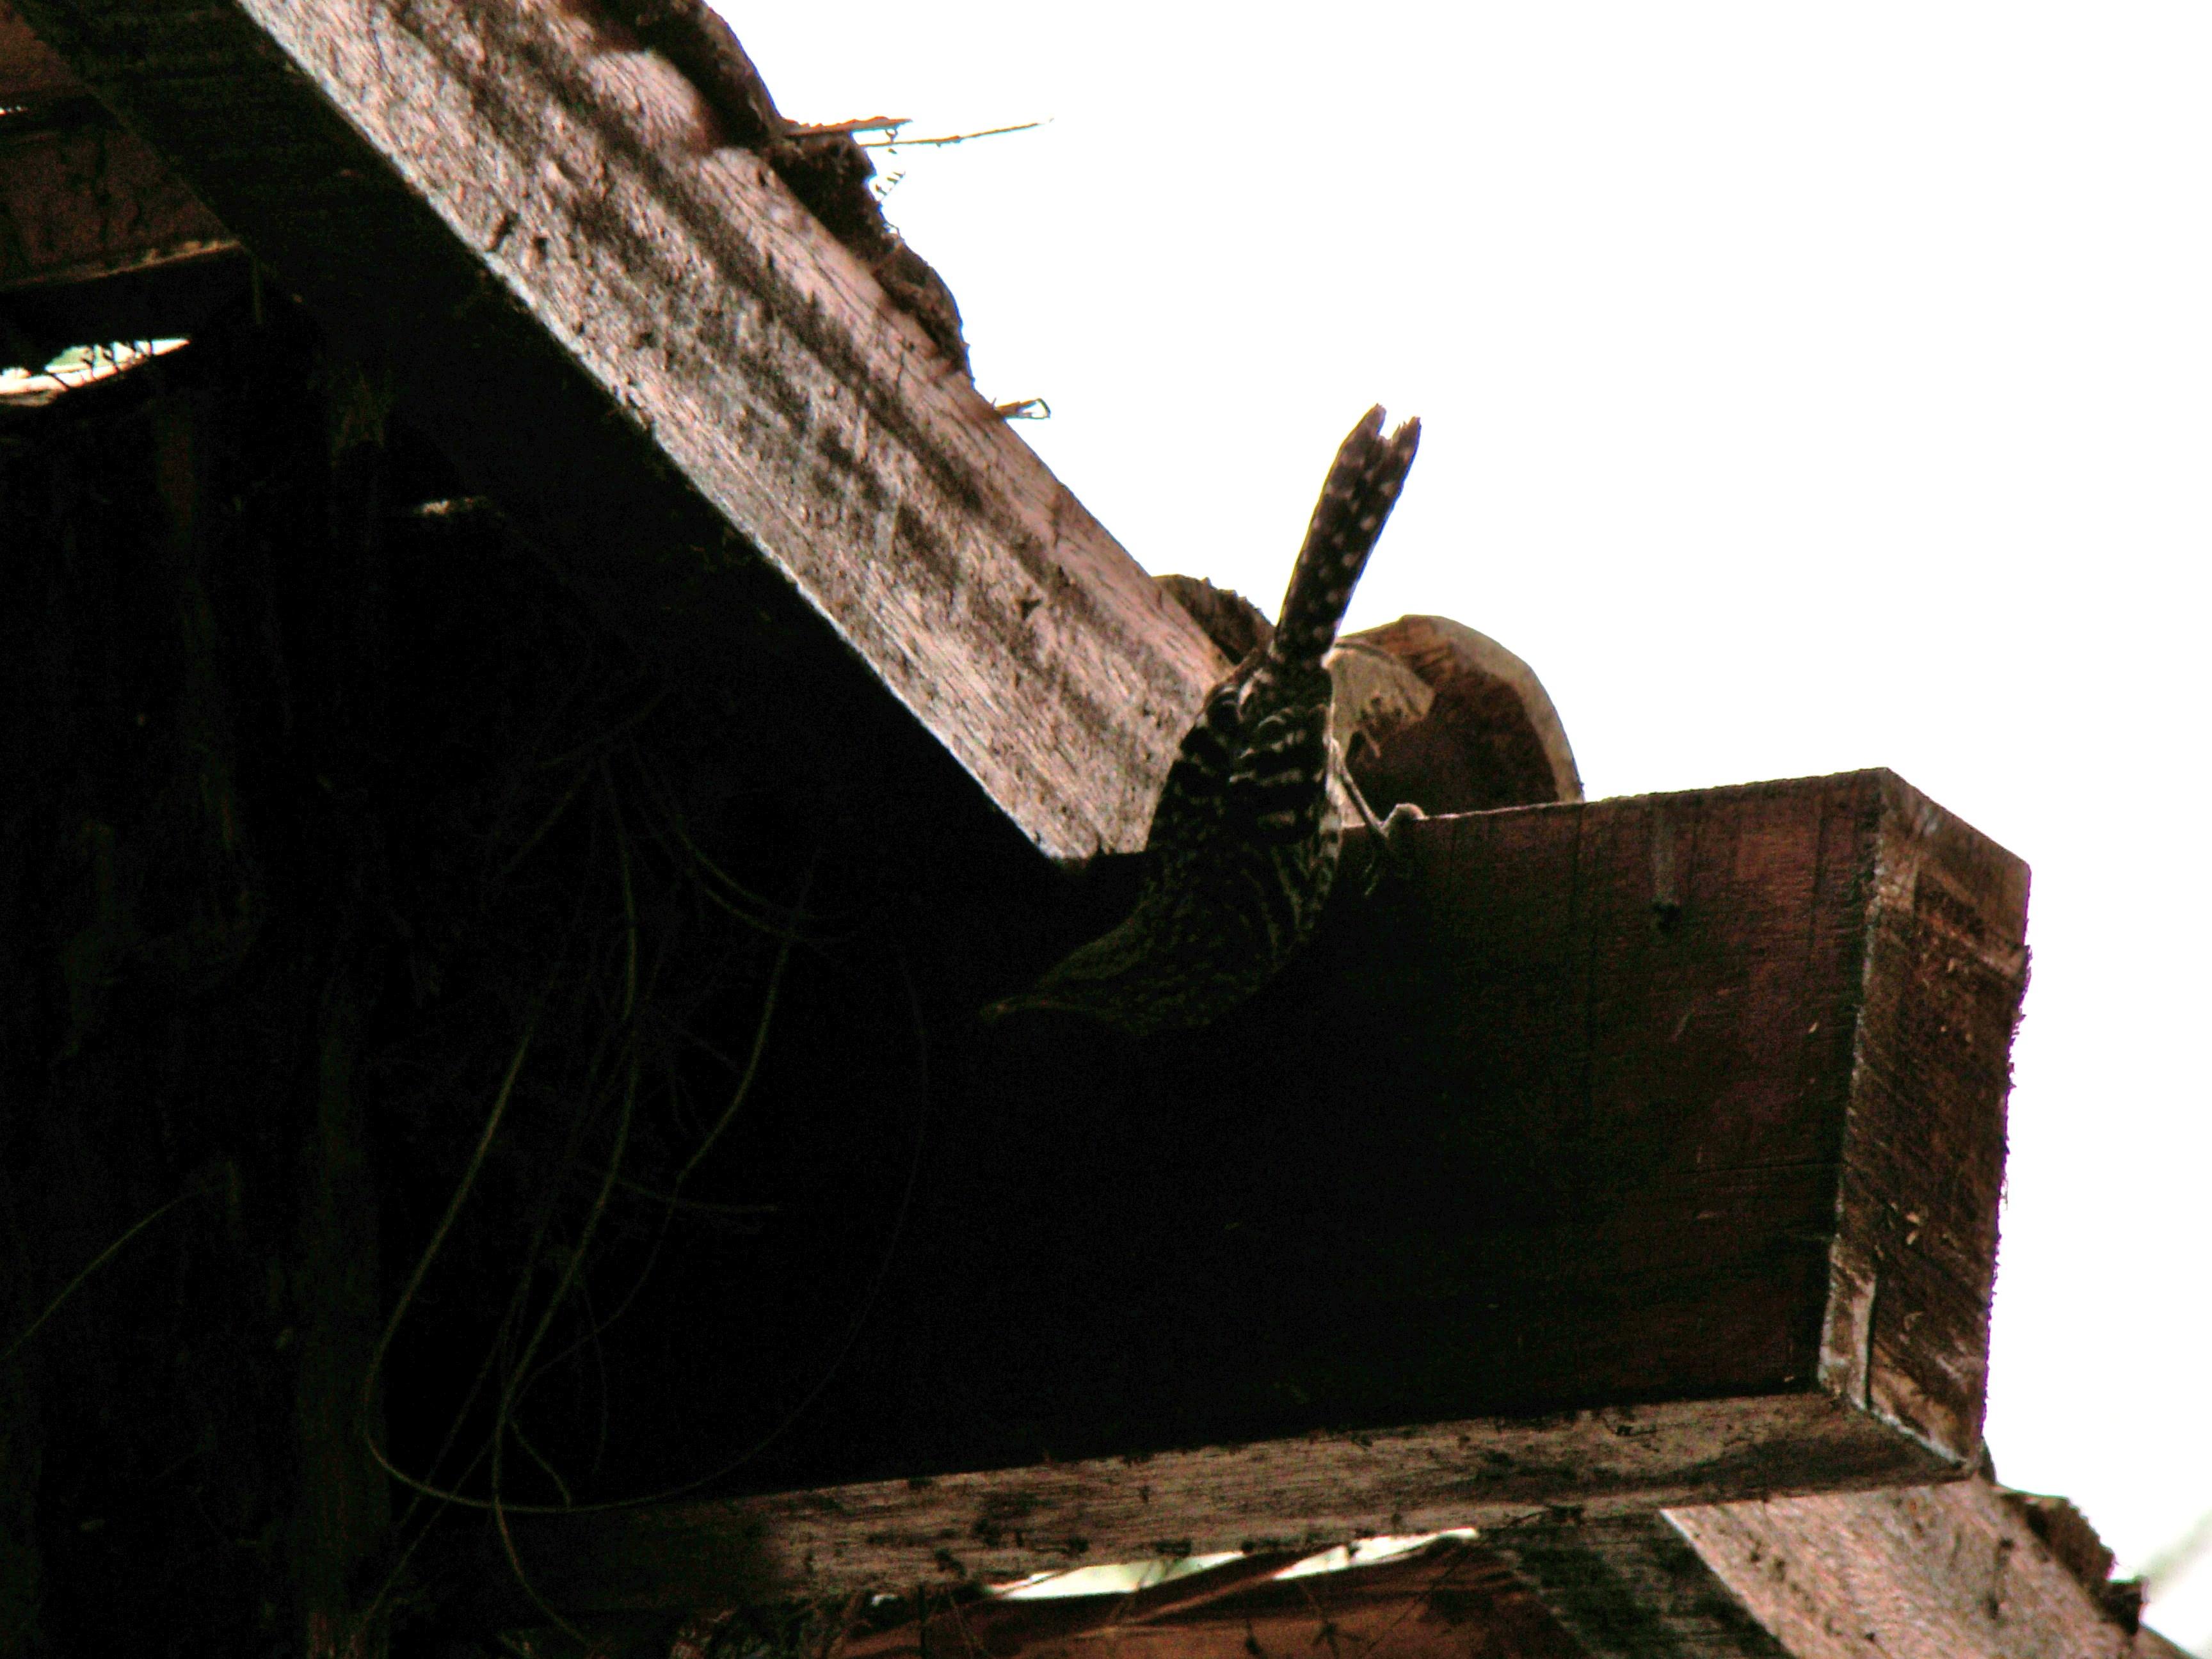 Scientific Name: Fasciated Wren - Photo: Rodrigo de Piérola